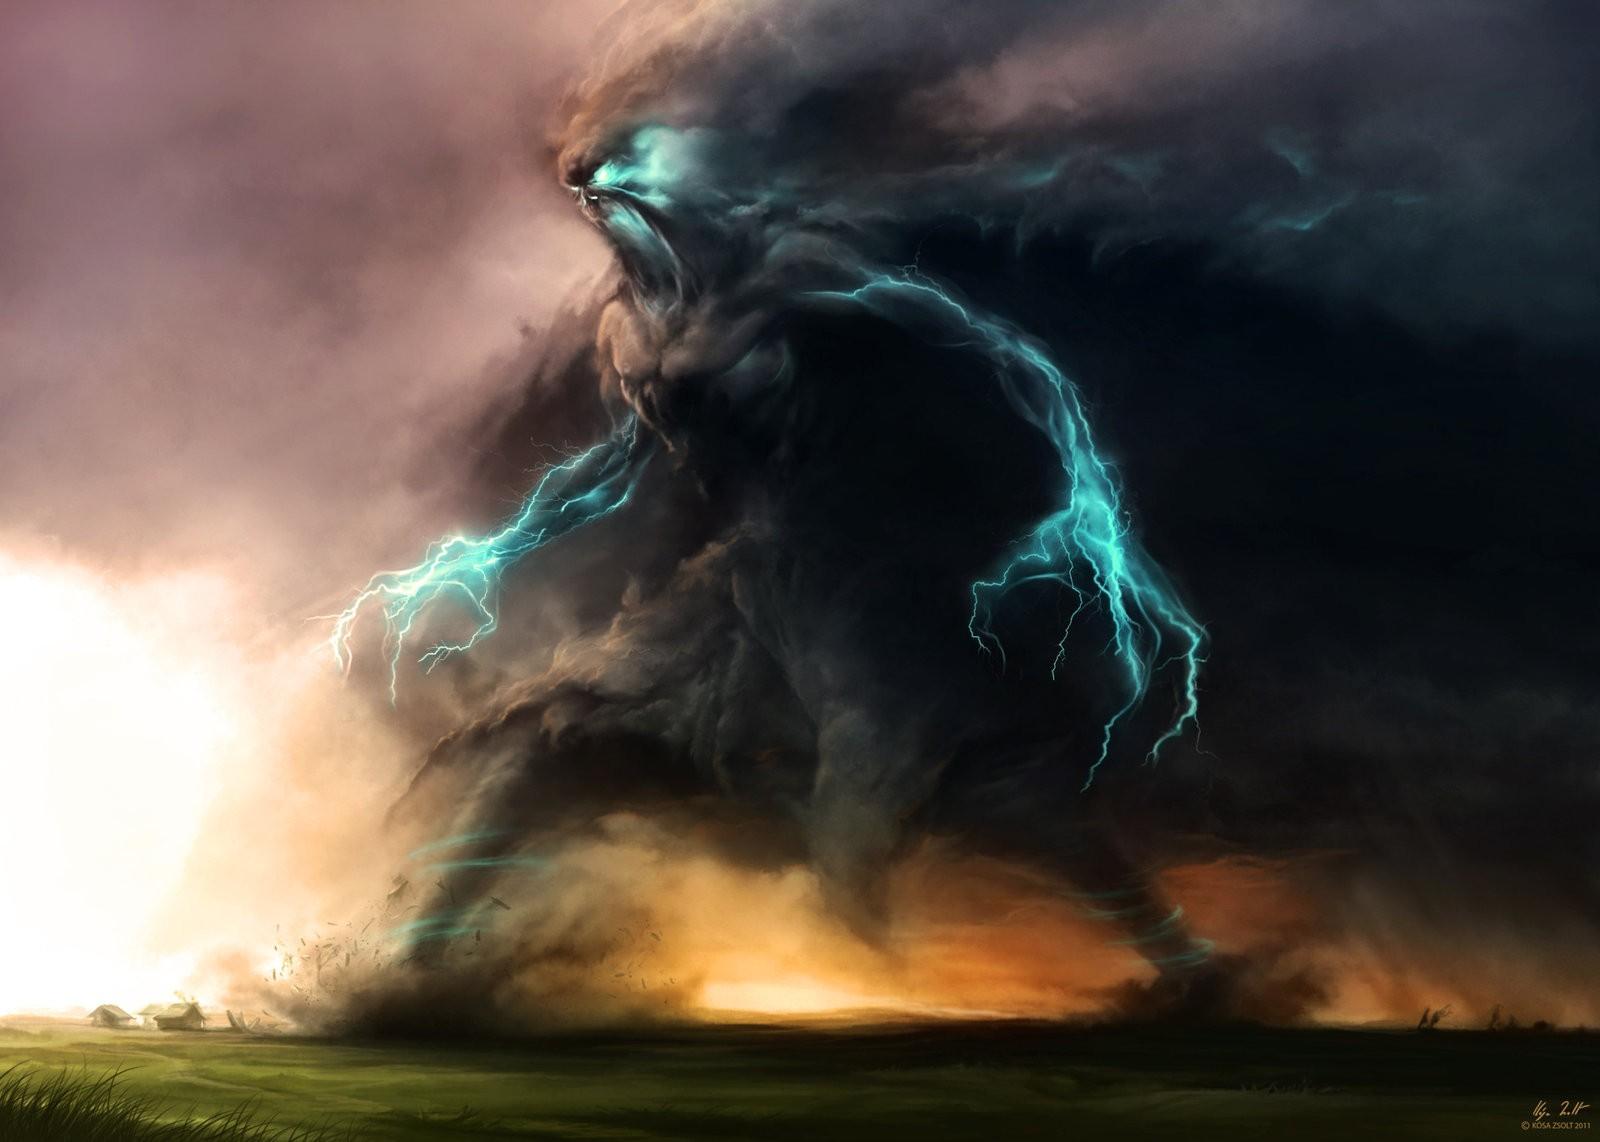 carnet de note les élémentaires supérieur Storm_Thunderbolt_thunder_fantasy_art_creature_artwork-232953